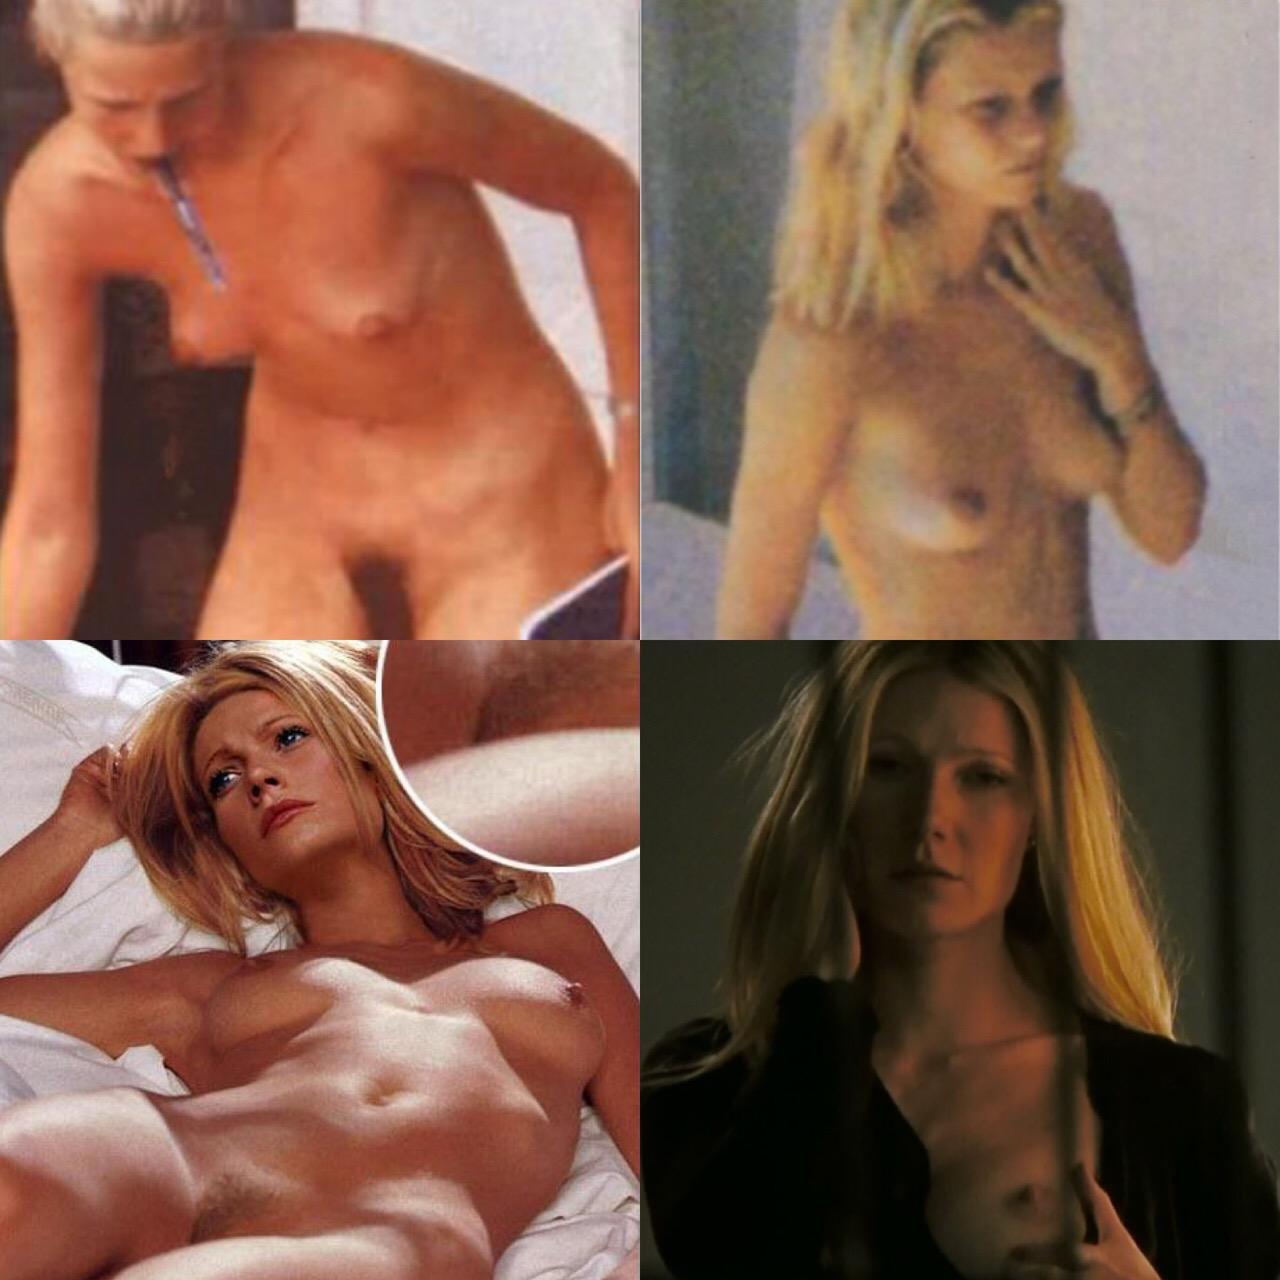 海外セレブ・ハリウッド女優モロにマンスジやハミマンエロGIF画像